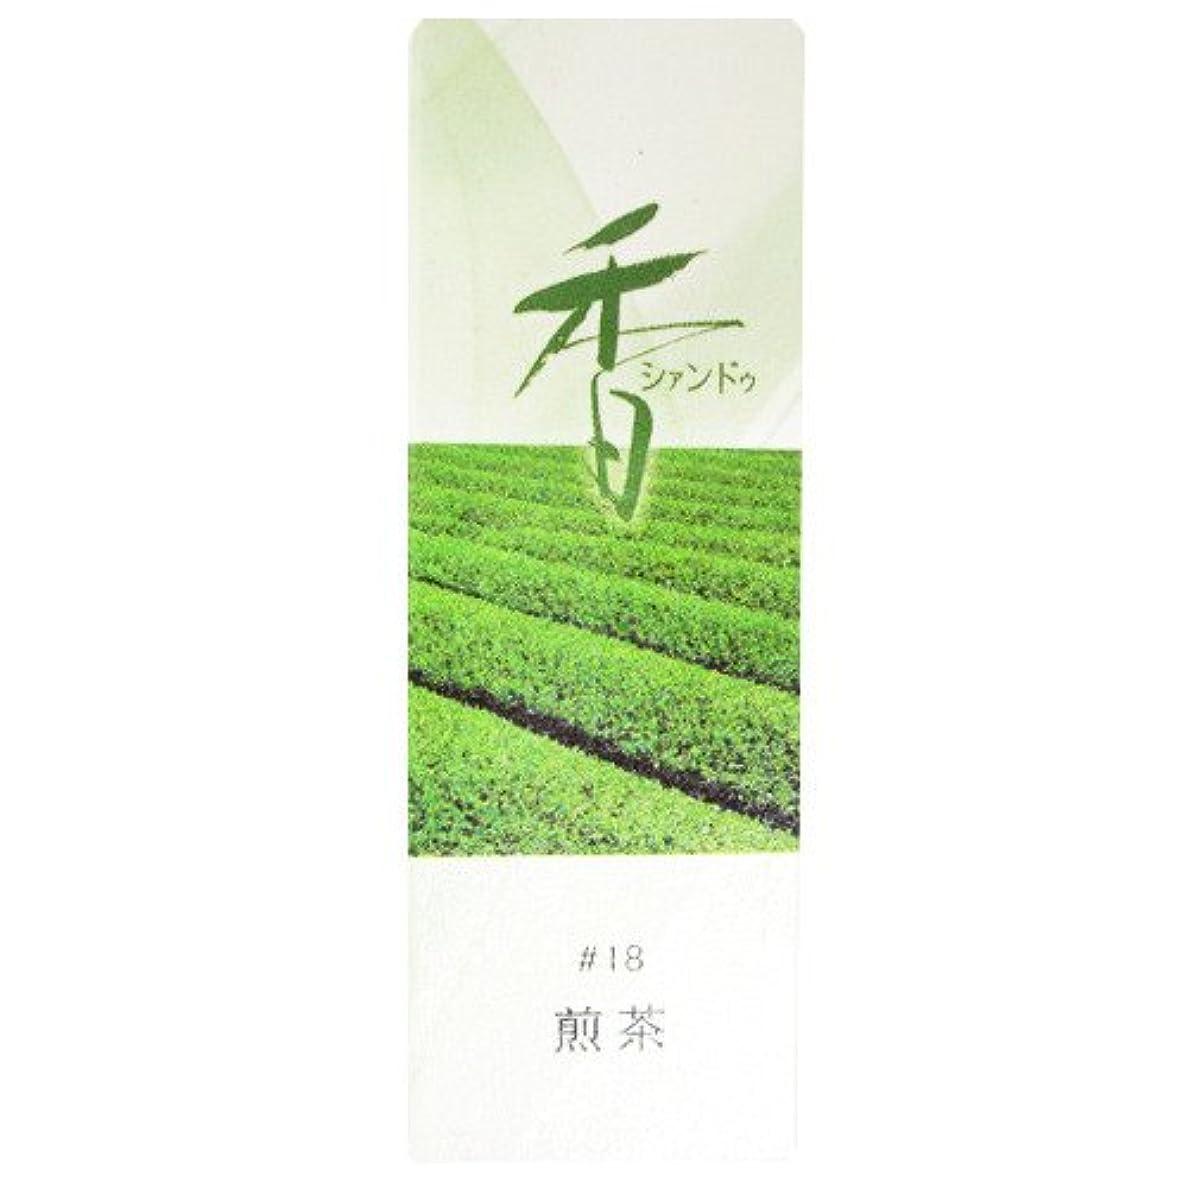 酸素感じみ松栄堂のお香 Xiang Do(シャンドゥ) 煎茶 ST20本入 簡易香立付 #214218